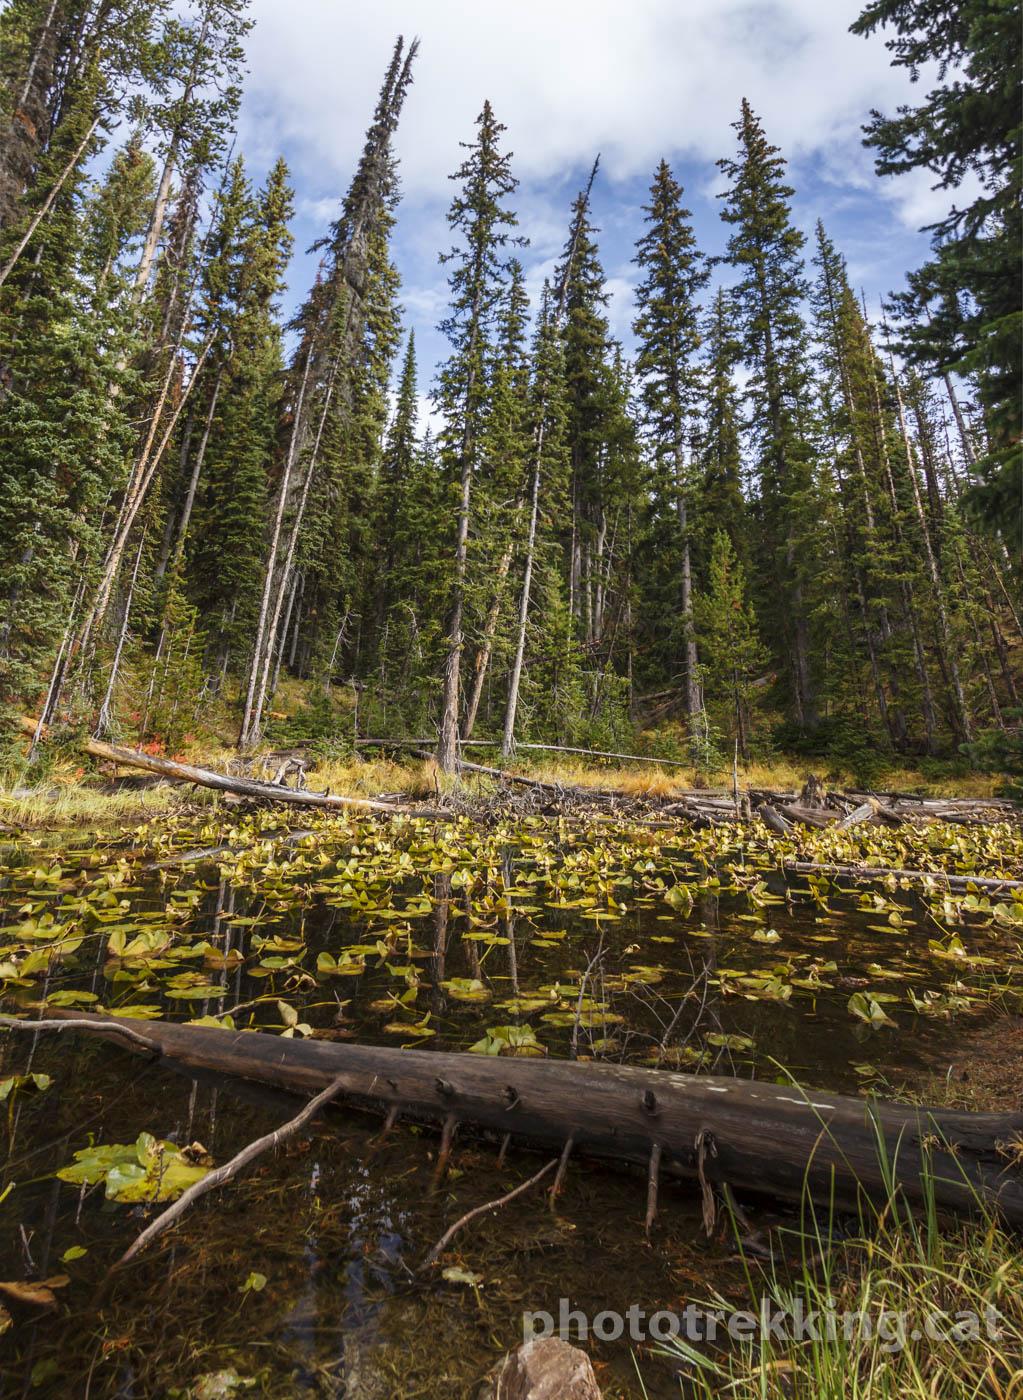 Yellowstone_Panoràmica vertical - Panoràmiques - Raül Carmona - Fotografia, Fotografia d'estudi, esdeveniments i Natura